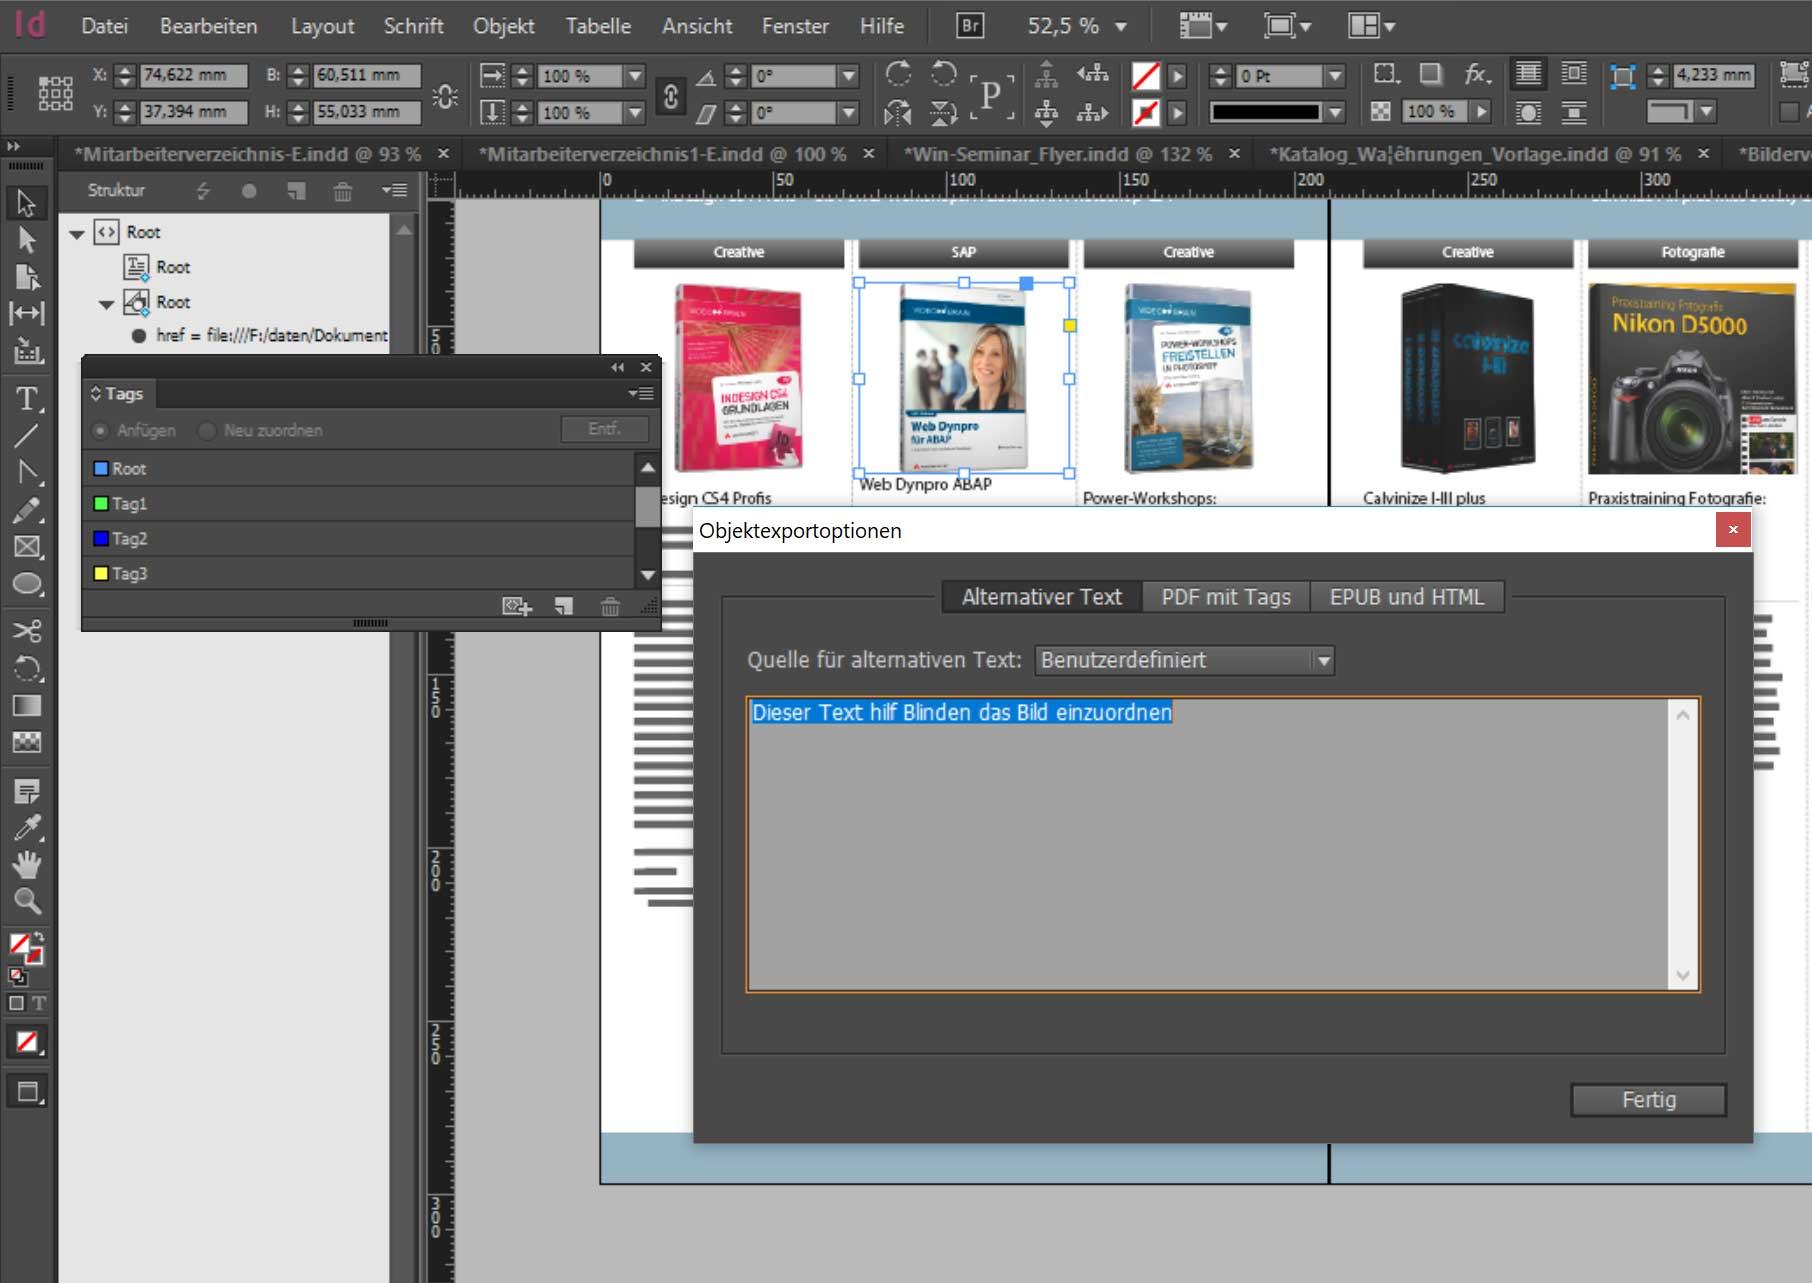 Erfreut Adobe Indesign Broschüre Vorlagen Galerie ...